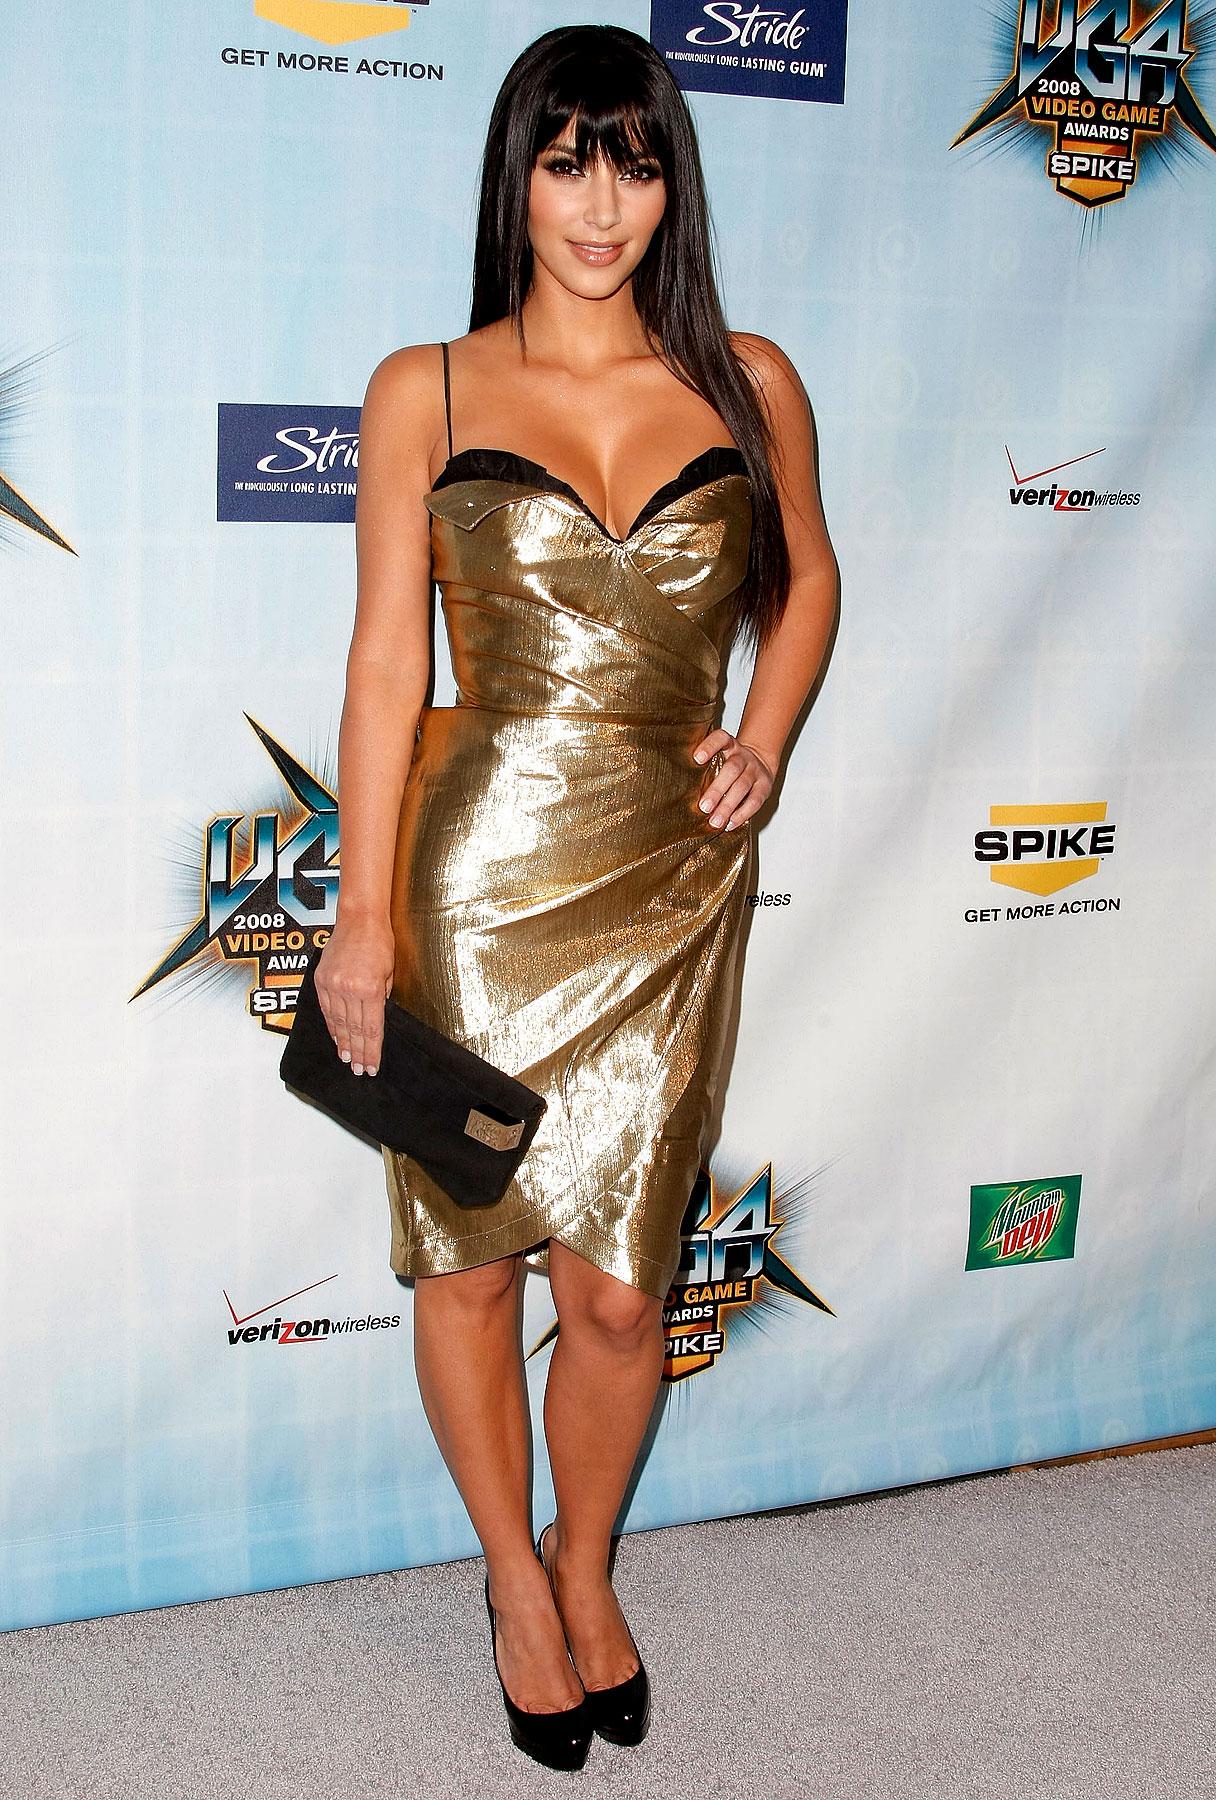 Trend Spotting with Kim Kardashian: Street Glam